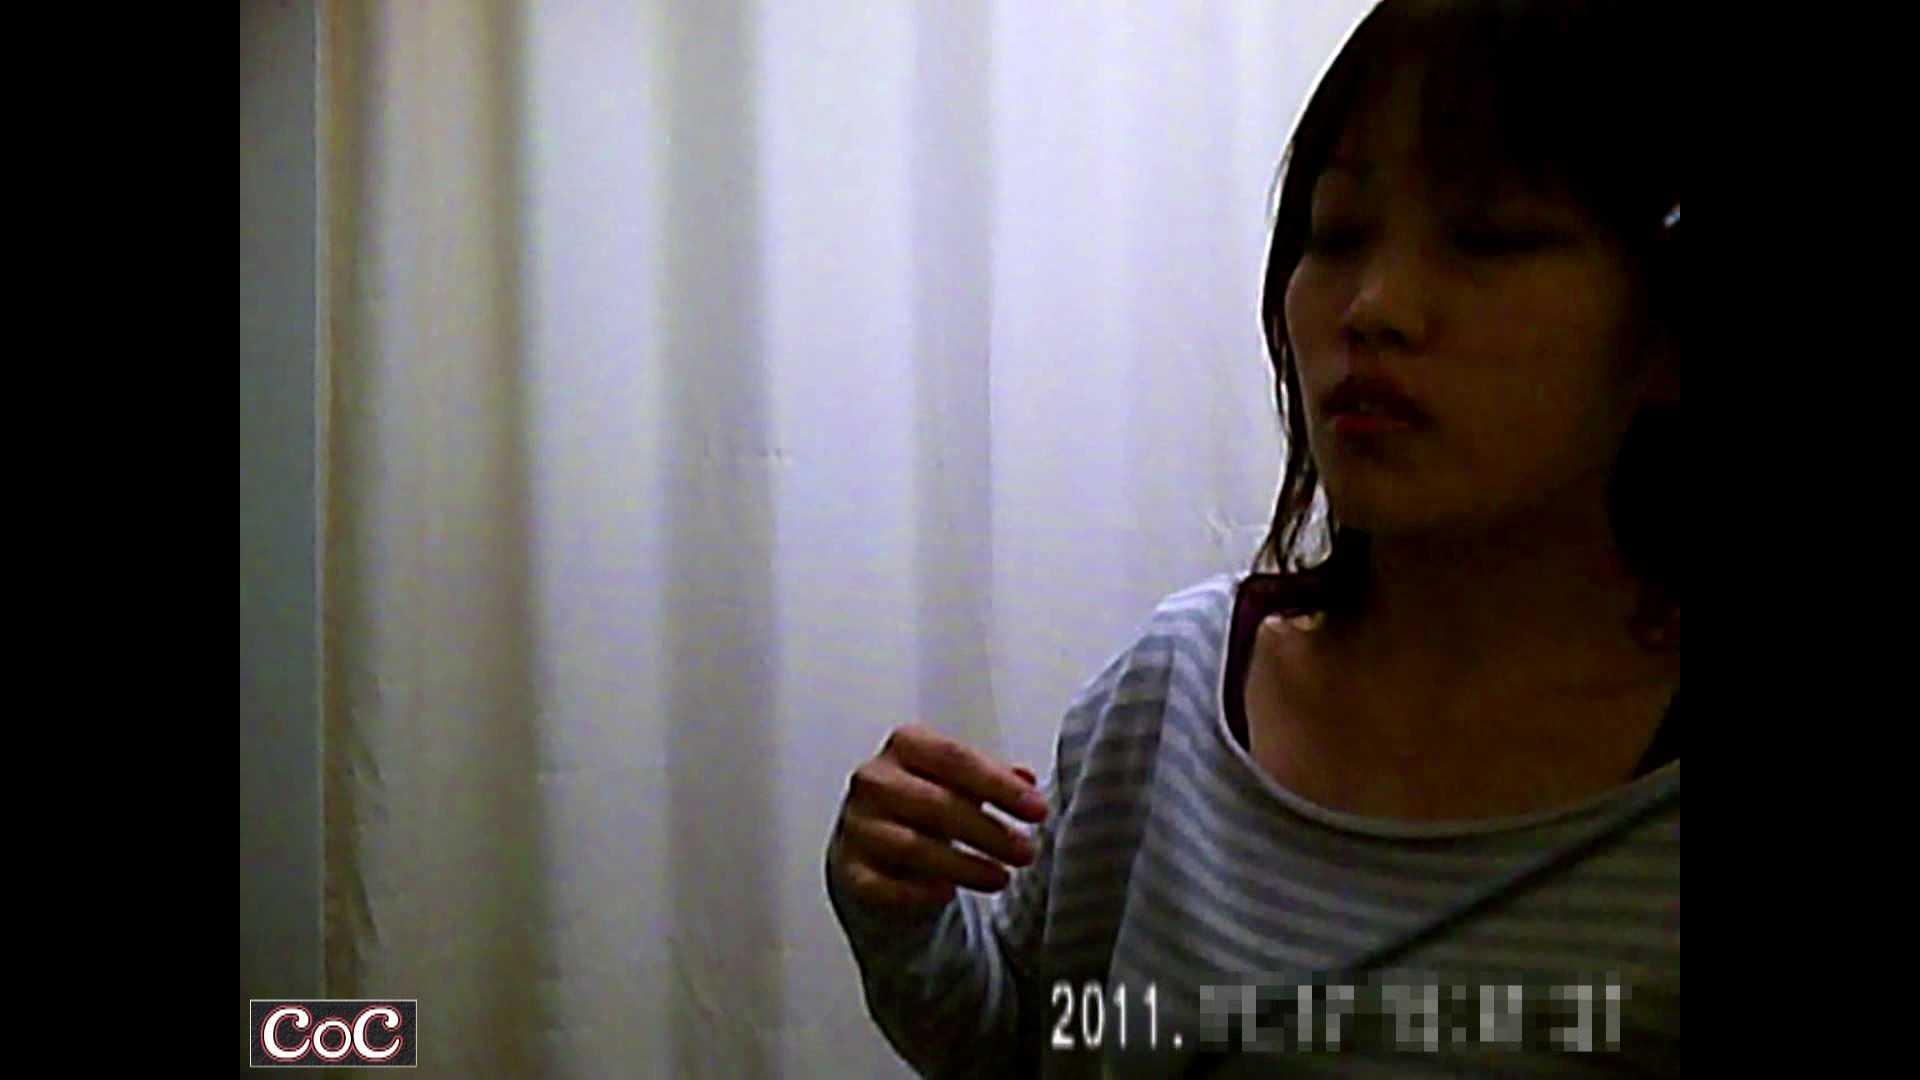 病院おもいっきり着替え! vol.94 巨乳 隠し撮りオマンコ動画紹介 78PICs 13